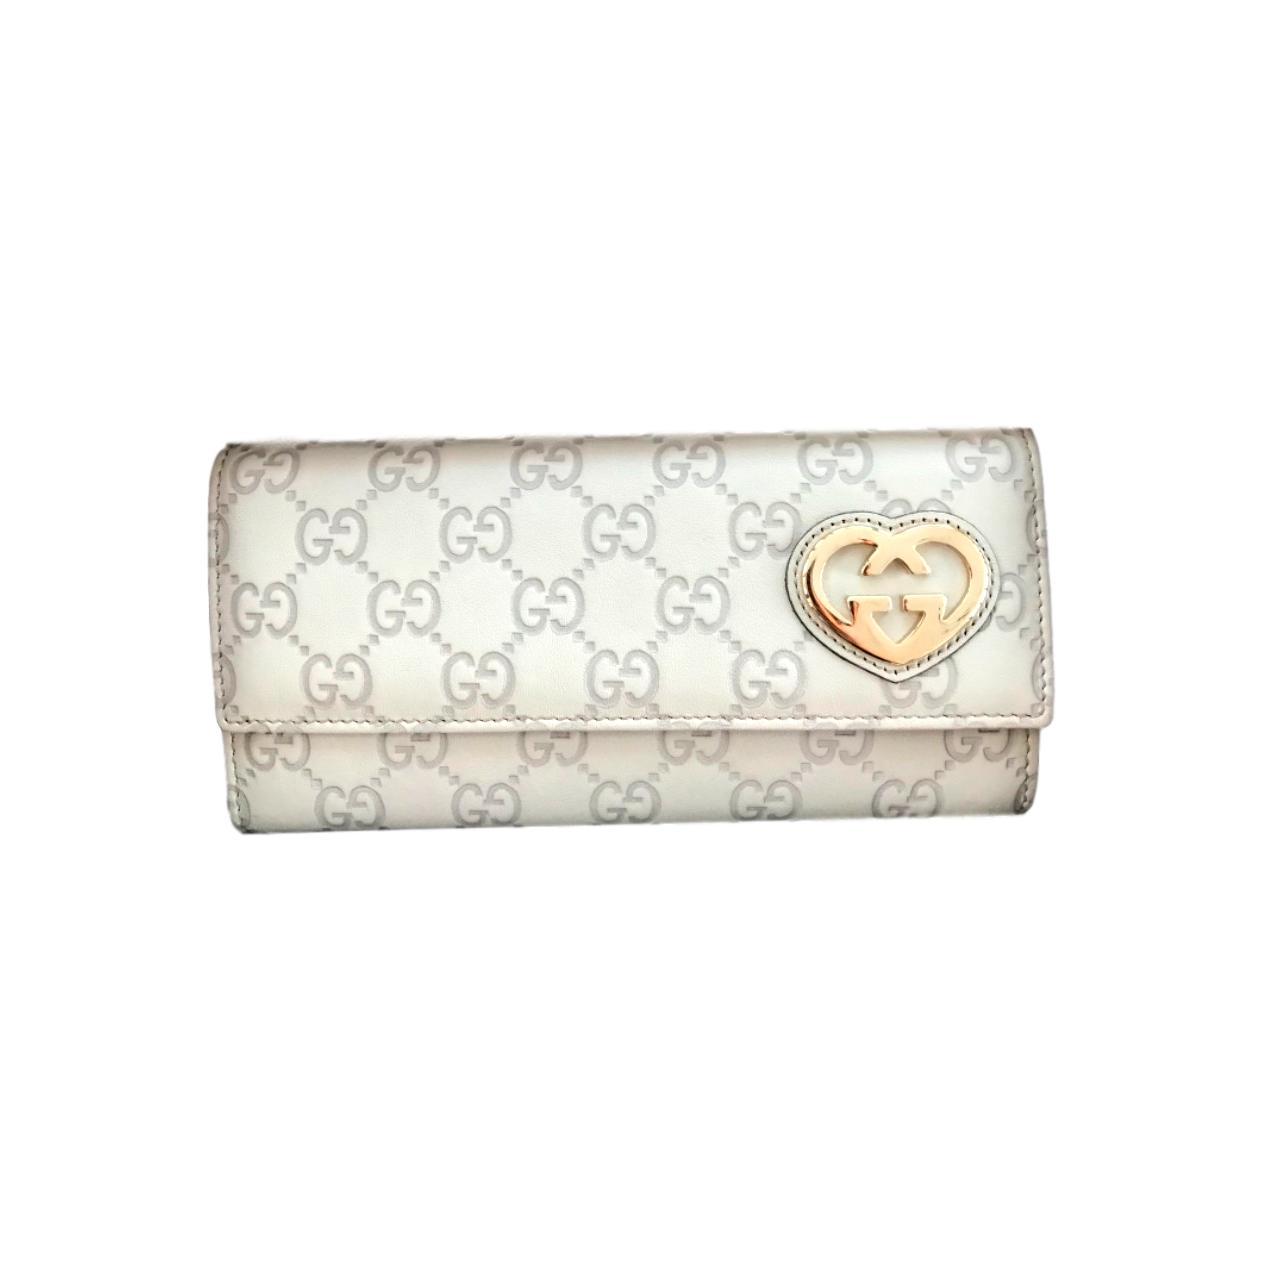 Купить кошелек Gucci за 14000 руб. в интернет магазине - бутике с ... 5b0b61fdcb8